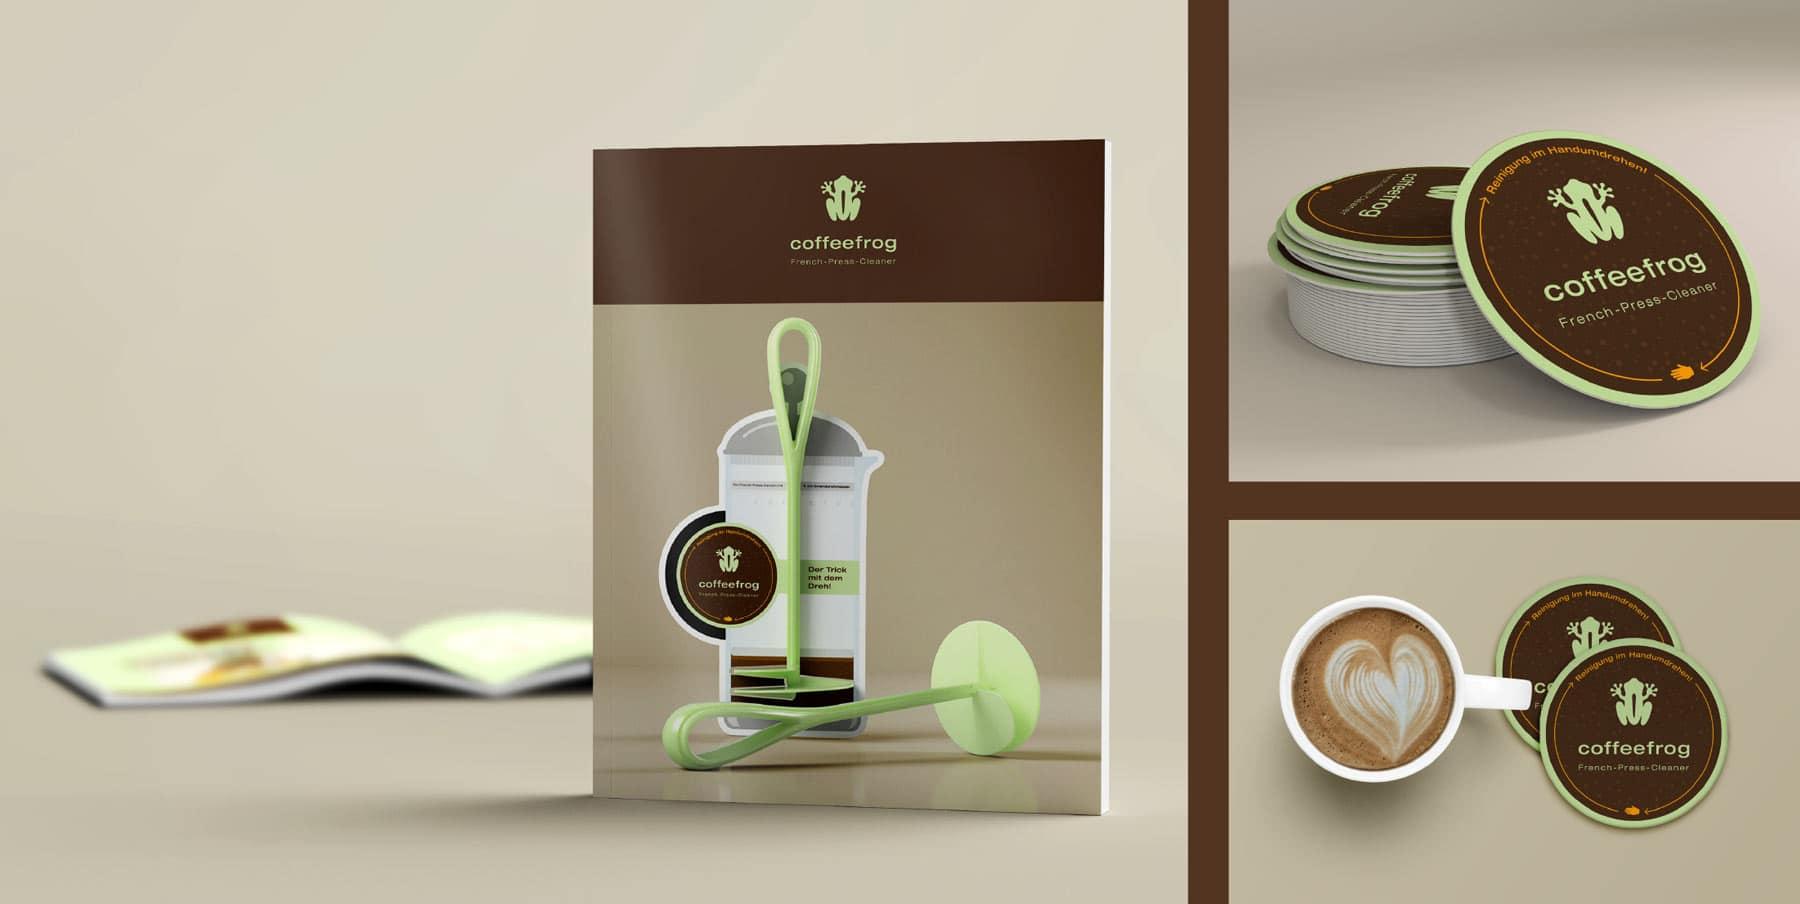 Coffeefrog, Image Broschüre, Collage Werbemittel, Werbung